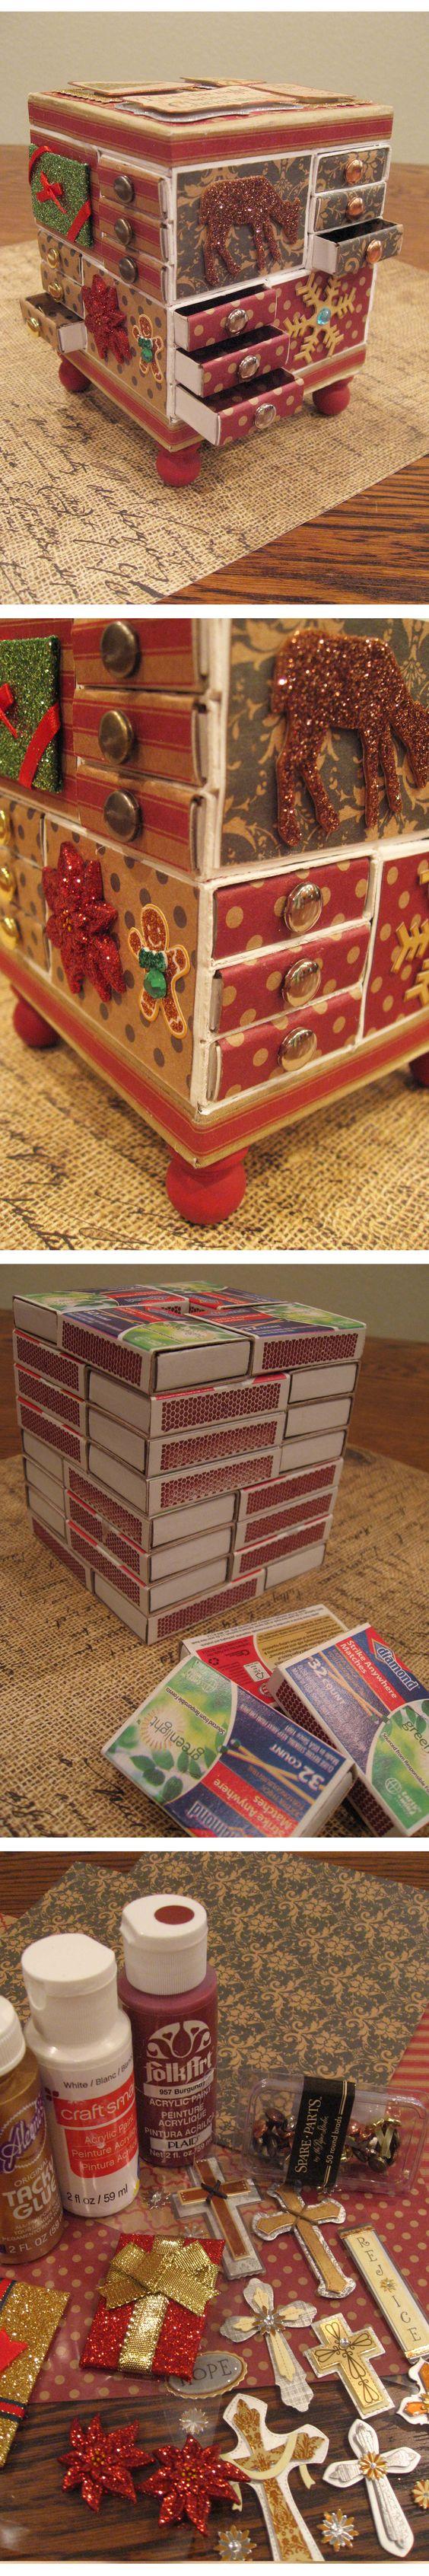 Caja de cajas de cerillas